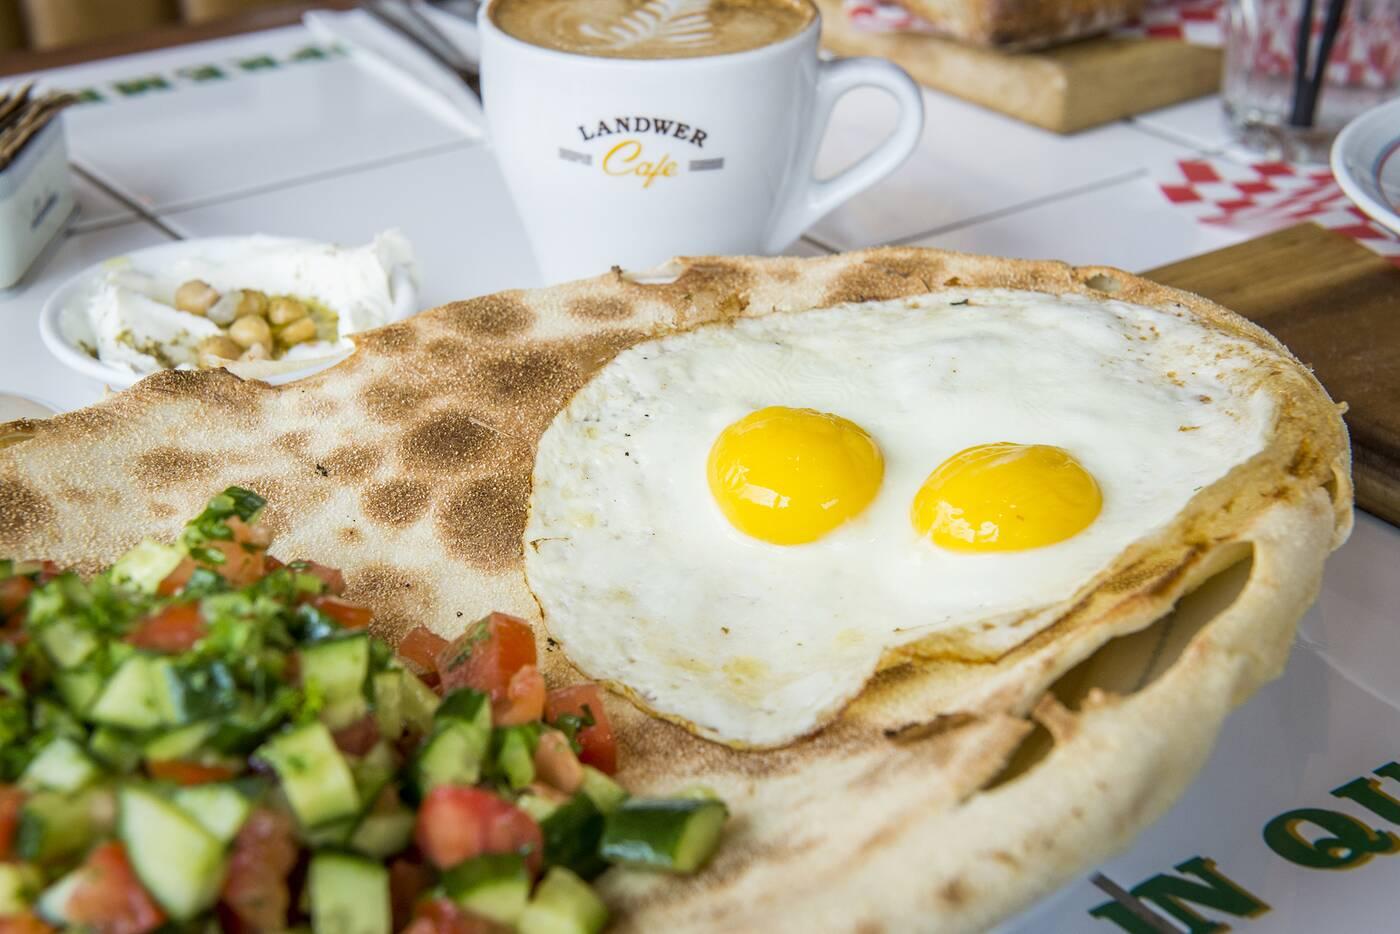 Cafe Landwer Toronto